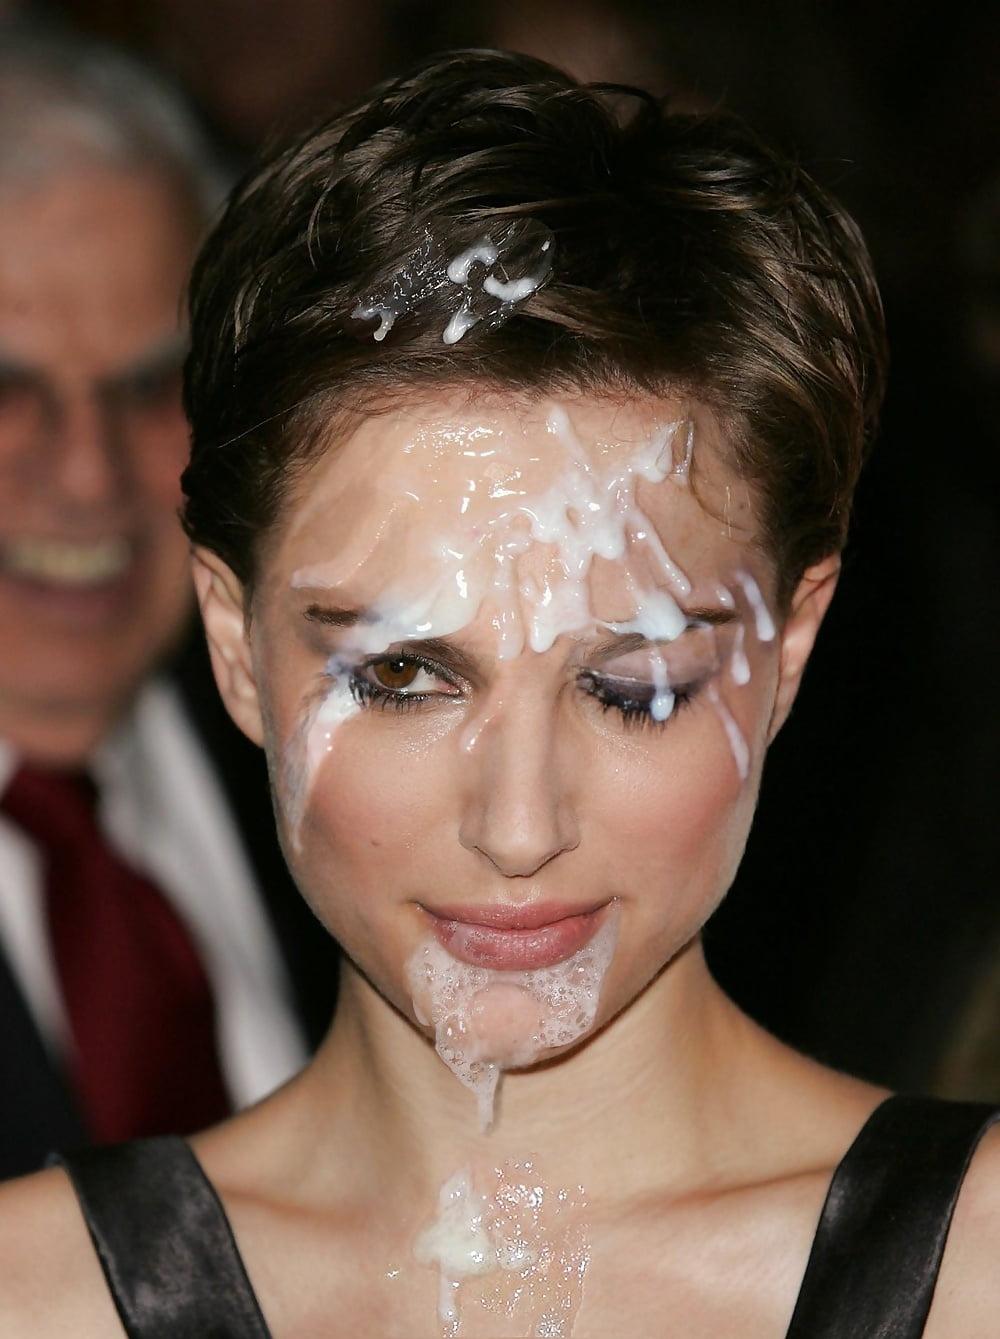 Natalie Nutters Cum Face Wash